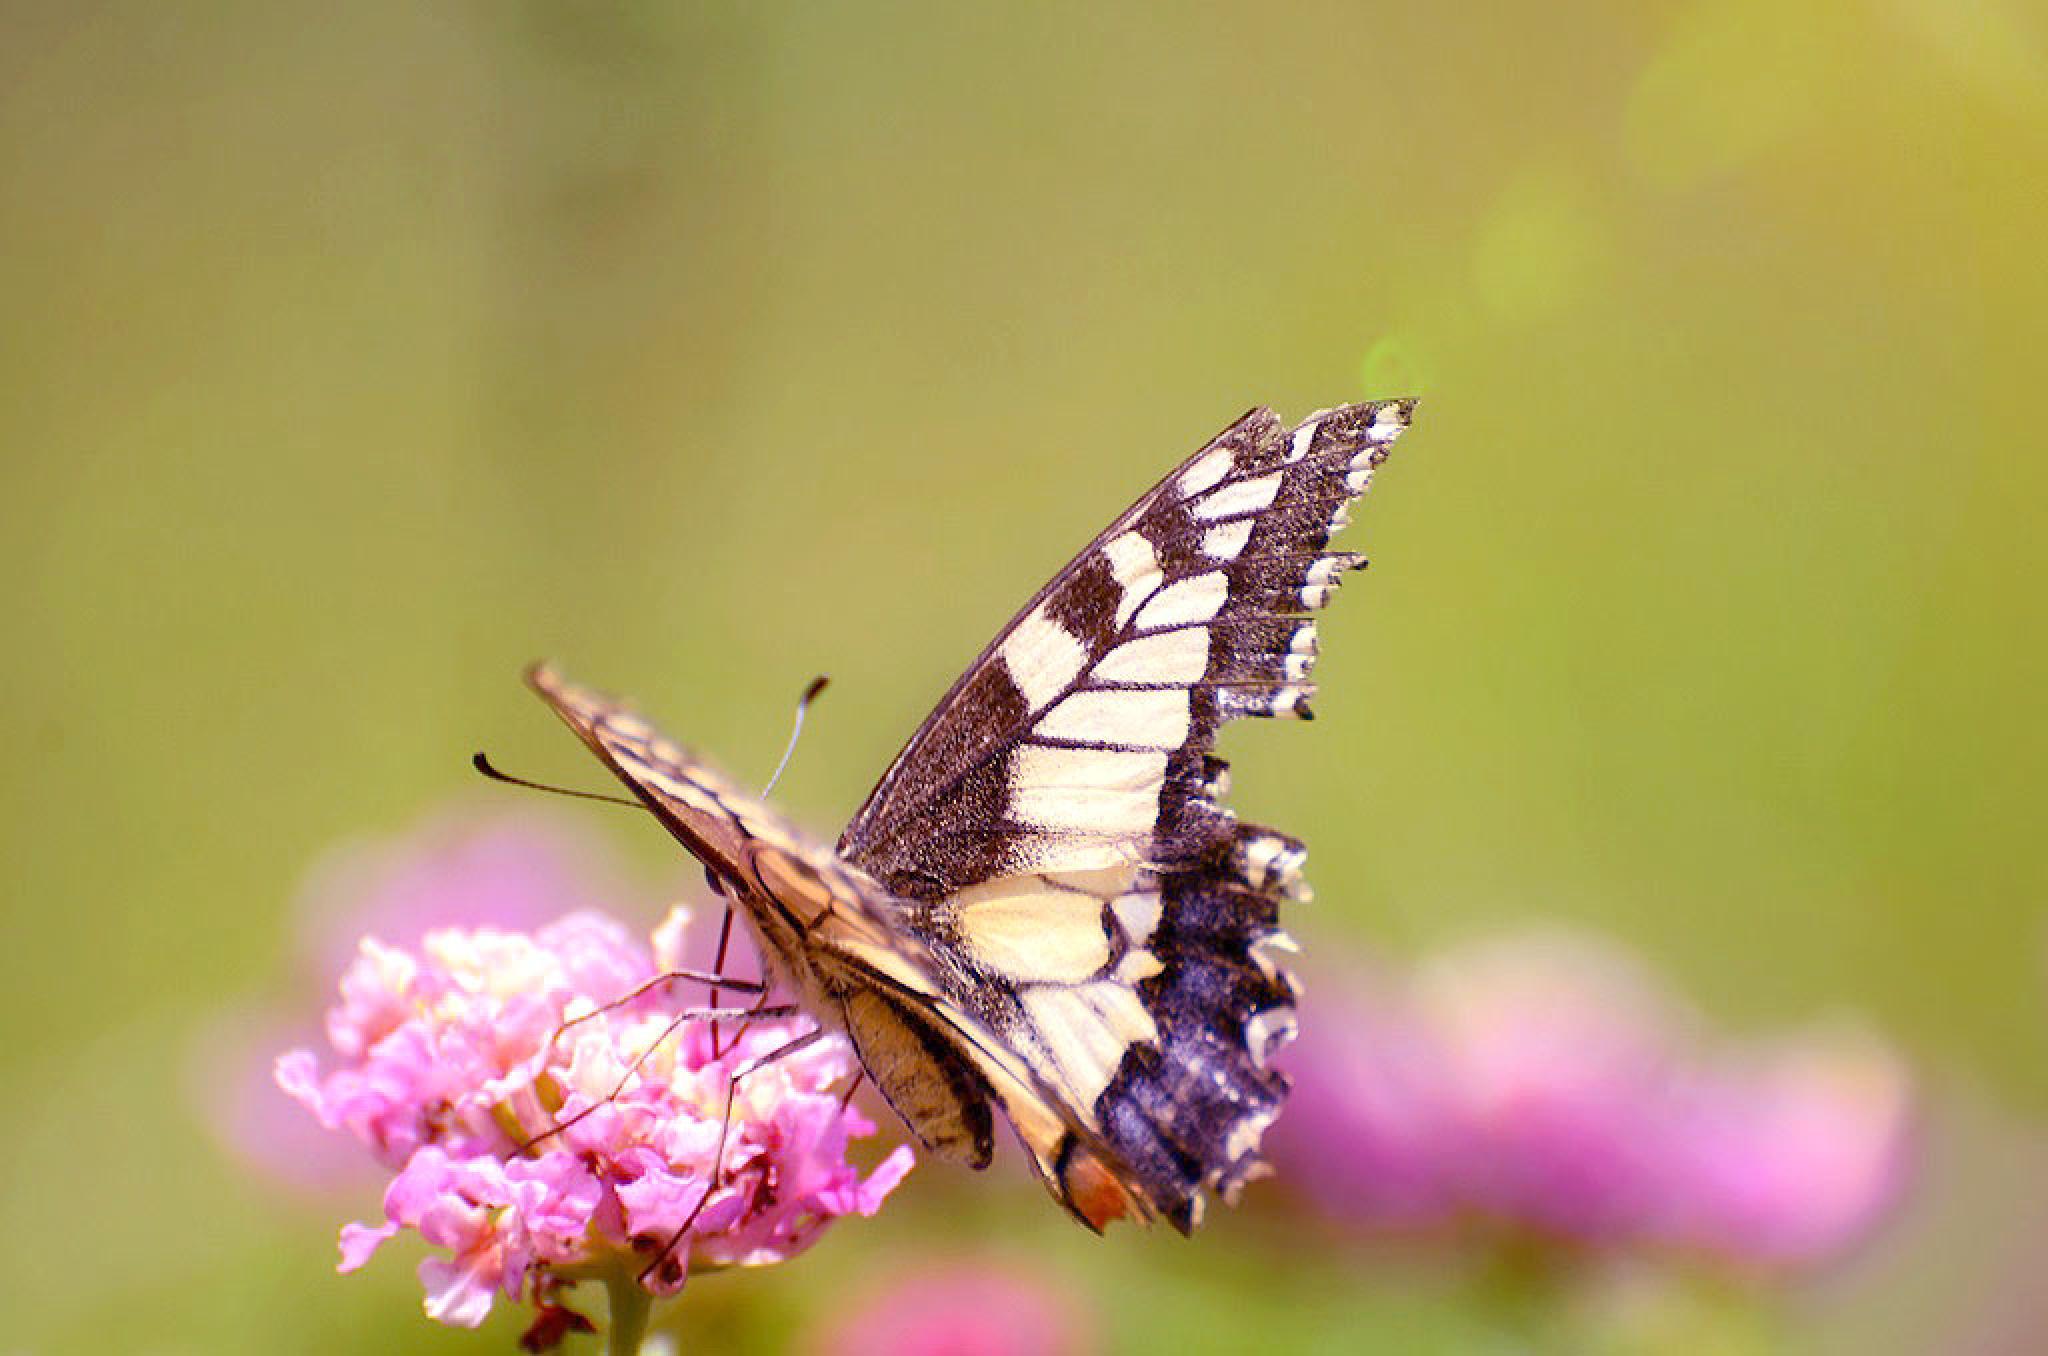 Broken Wings But Cheerfully by Filiz Bariskan